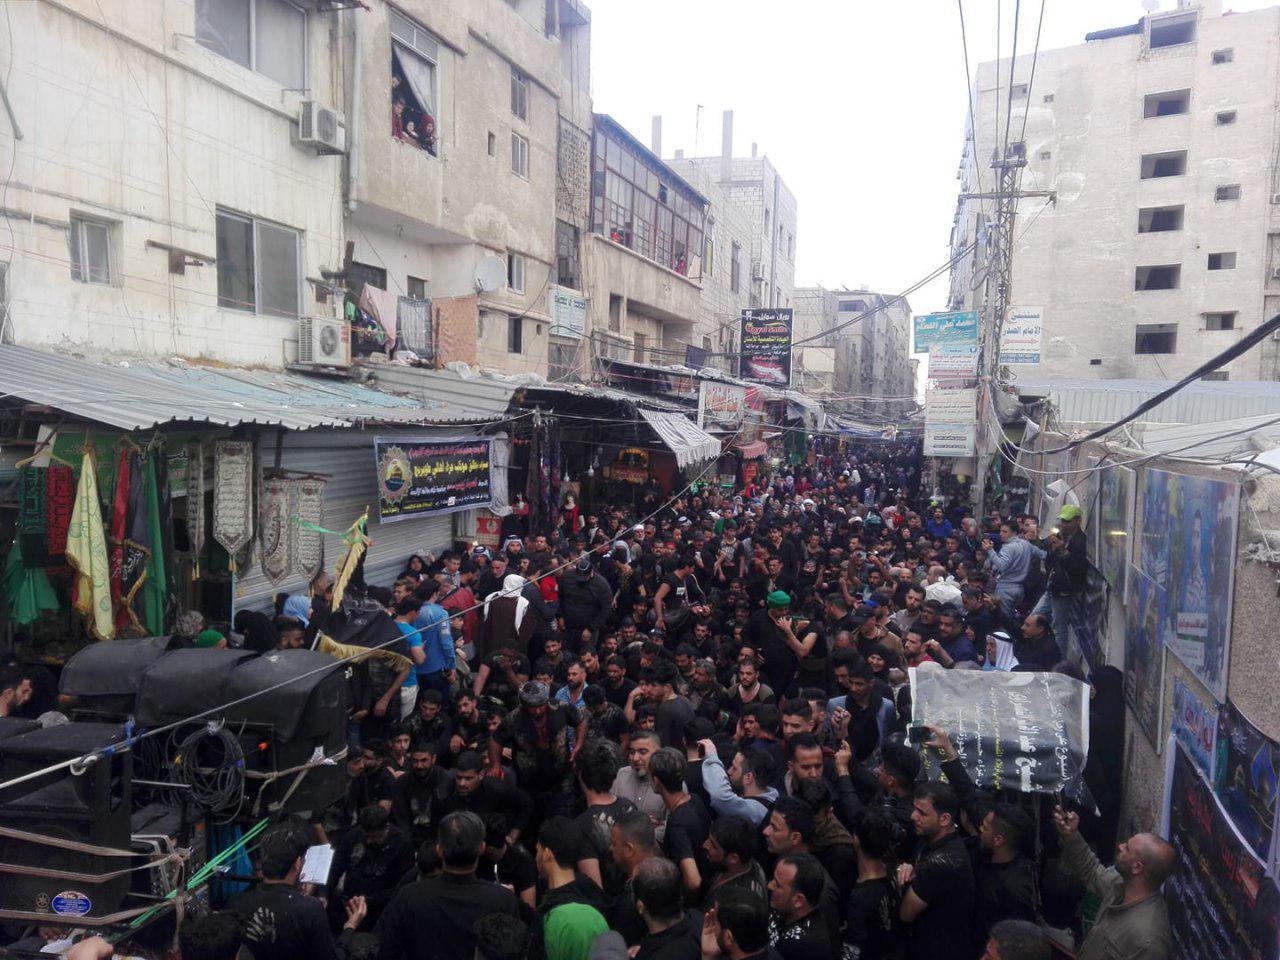 صورة اتباع اهل البيت من كل حدب وصوب يحيون في سورية ذكرى شهادة السيدة زينب عليها السلام